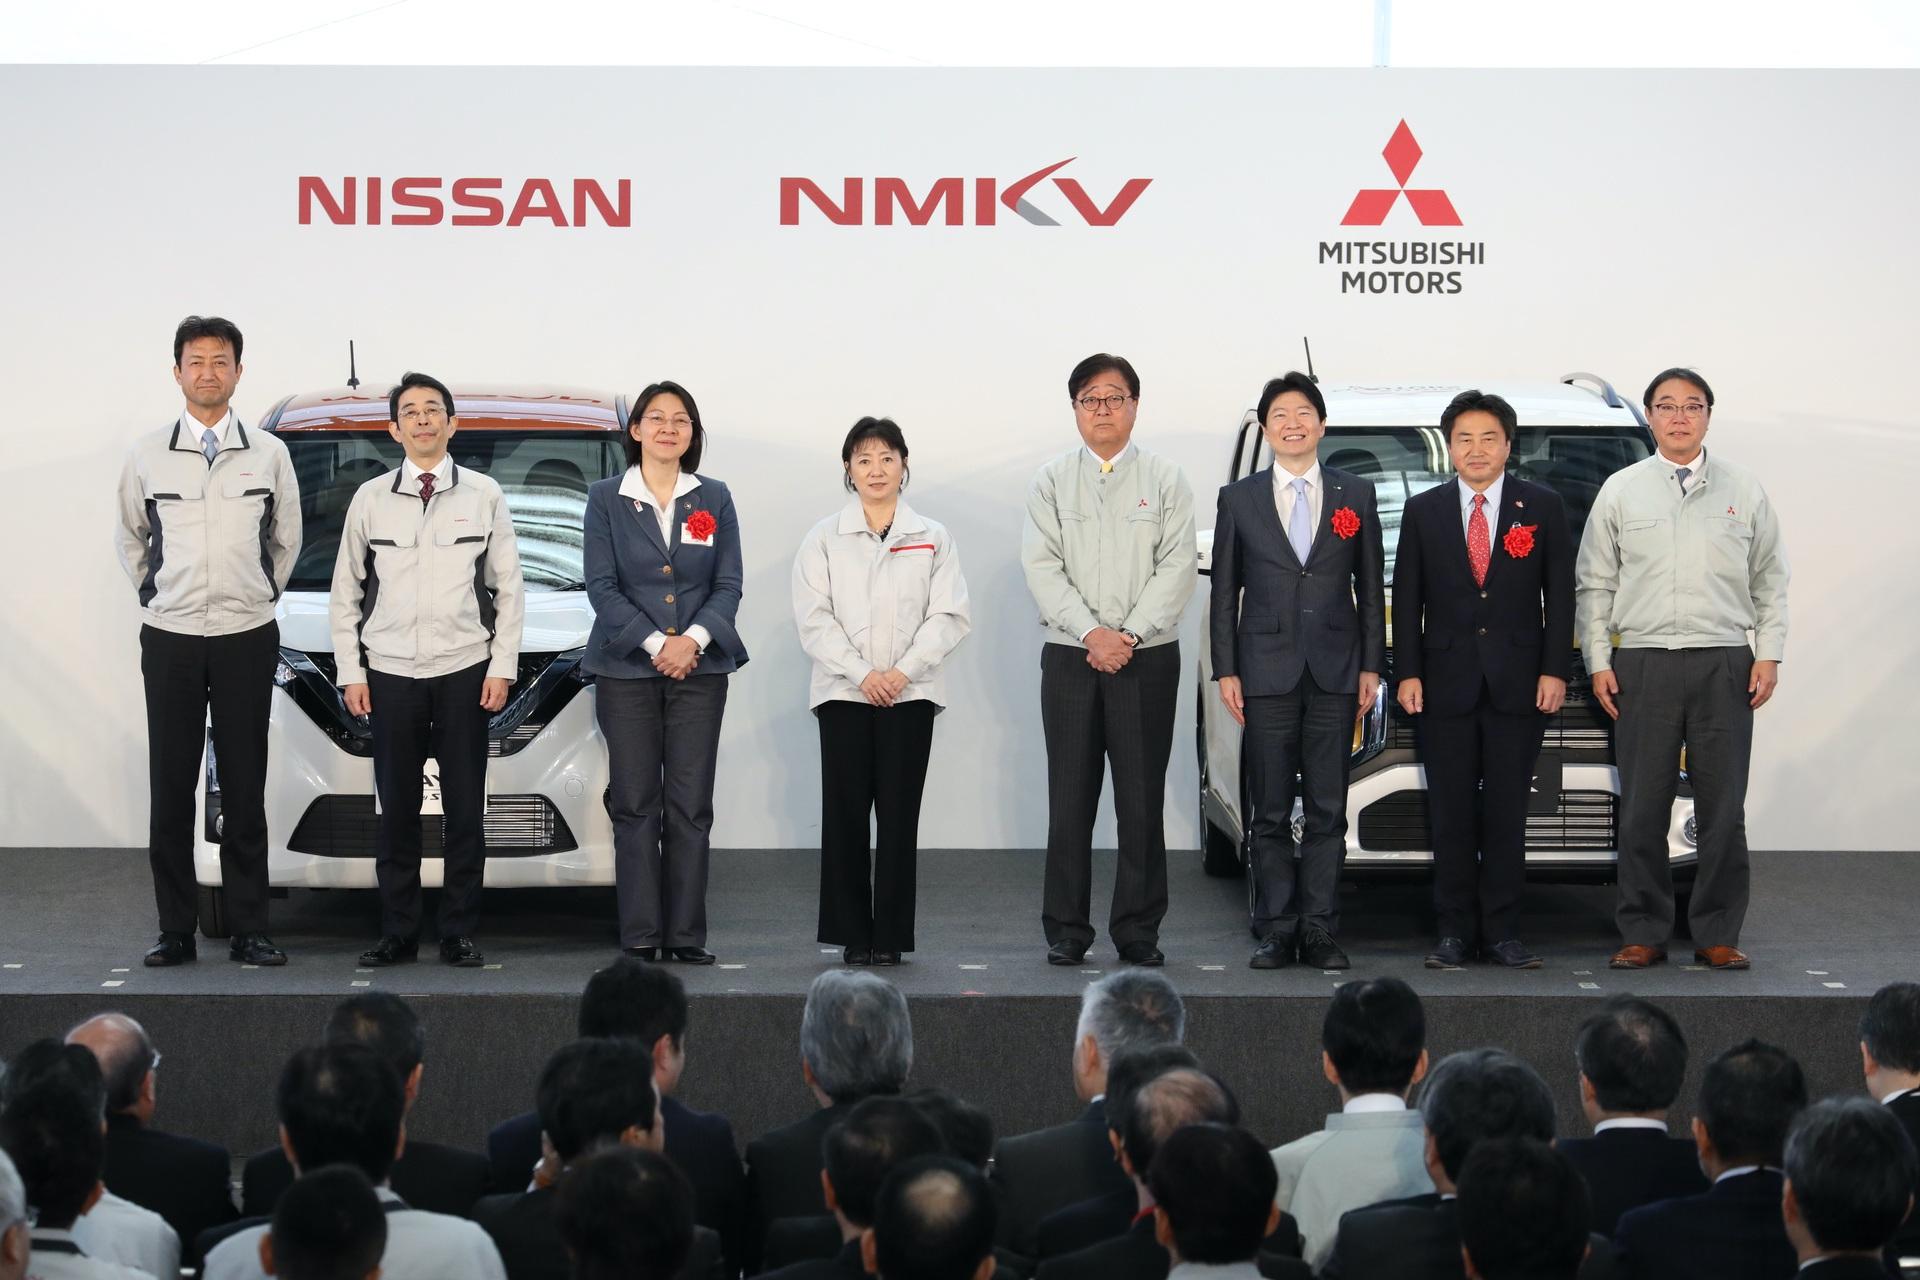 Nissan_Mitsubishi_kei_cars_0003